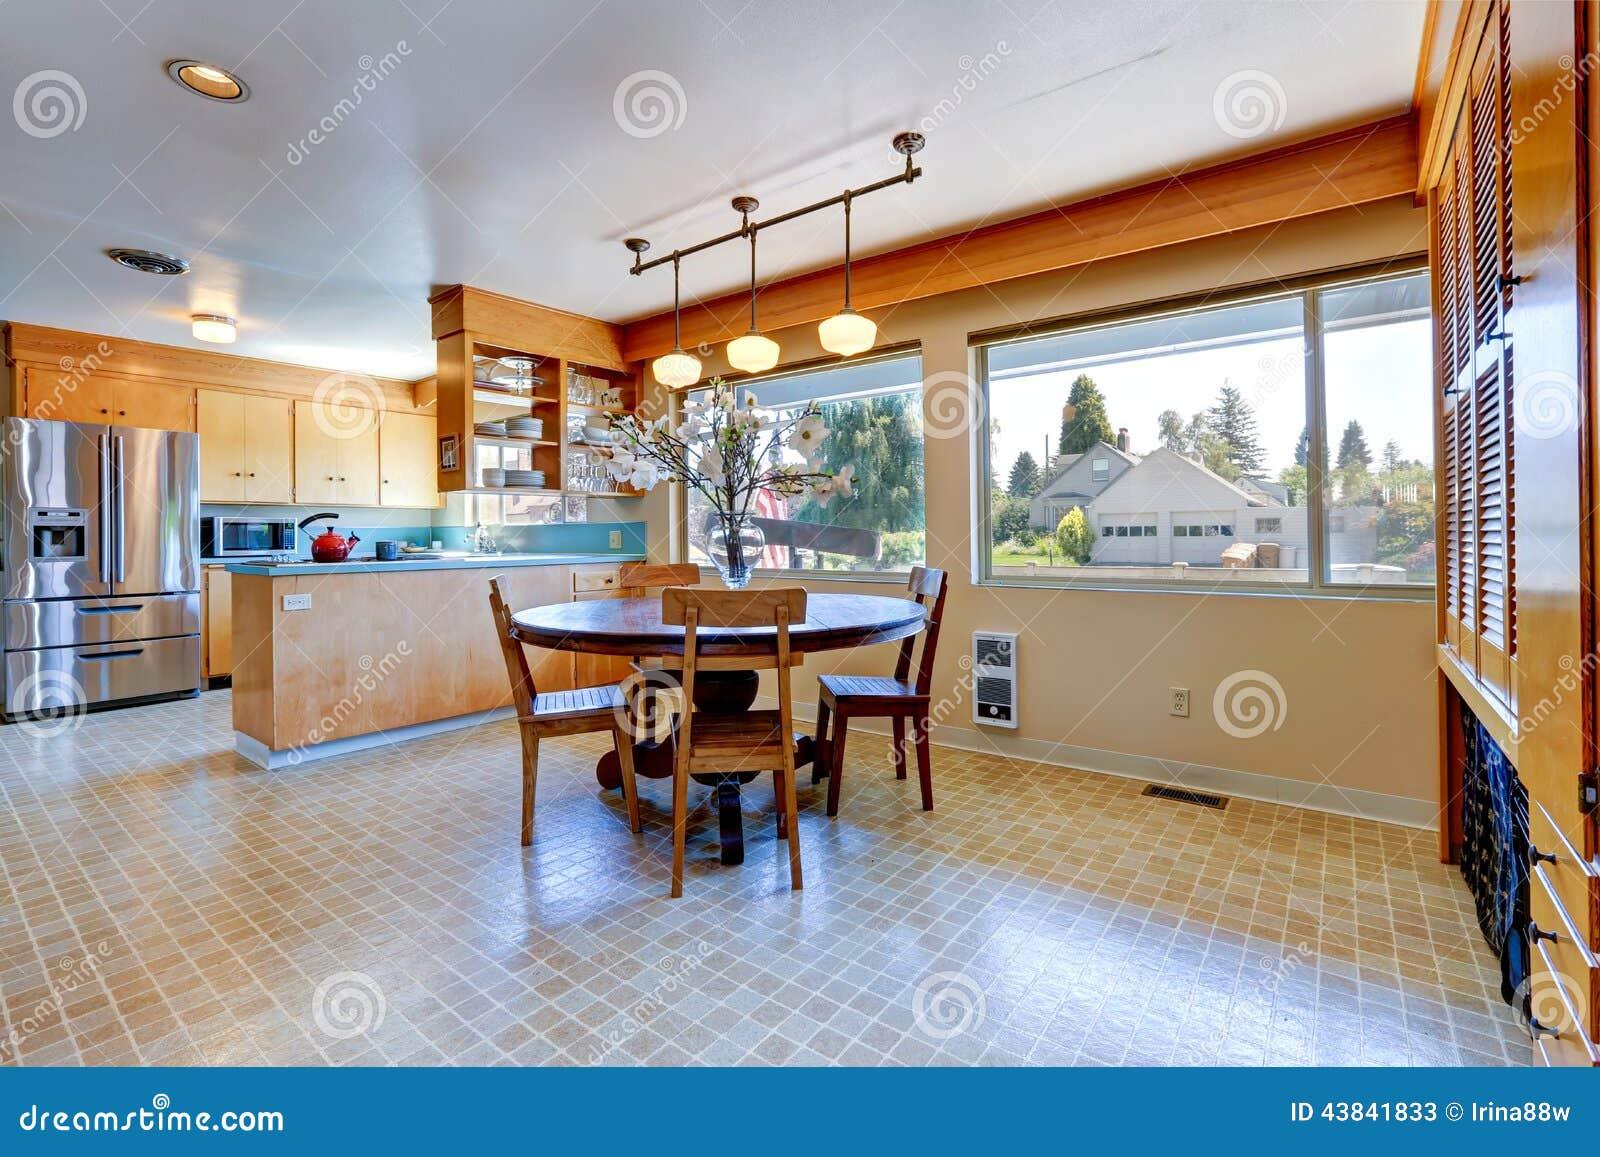 Cuisine Blanche Type Scandinave :  ¨ce spacieuse de cuisine avec la table de salle à manger ronde